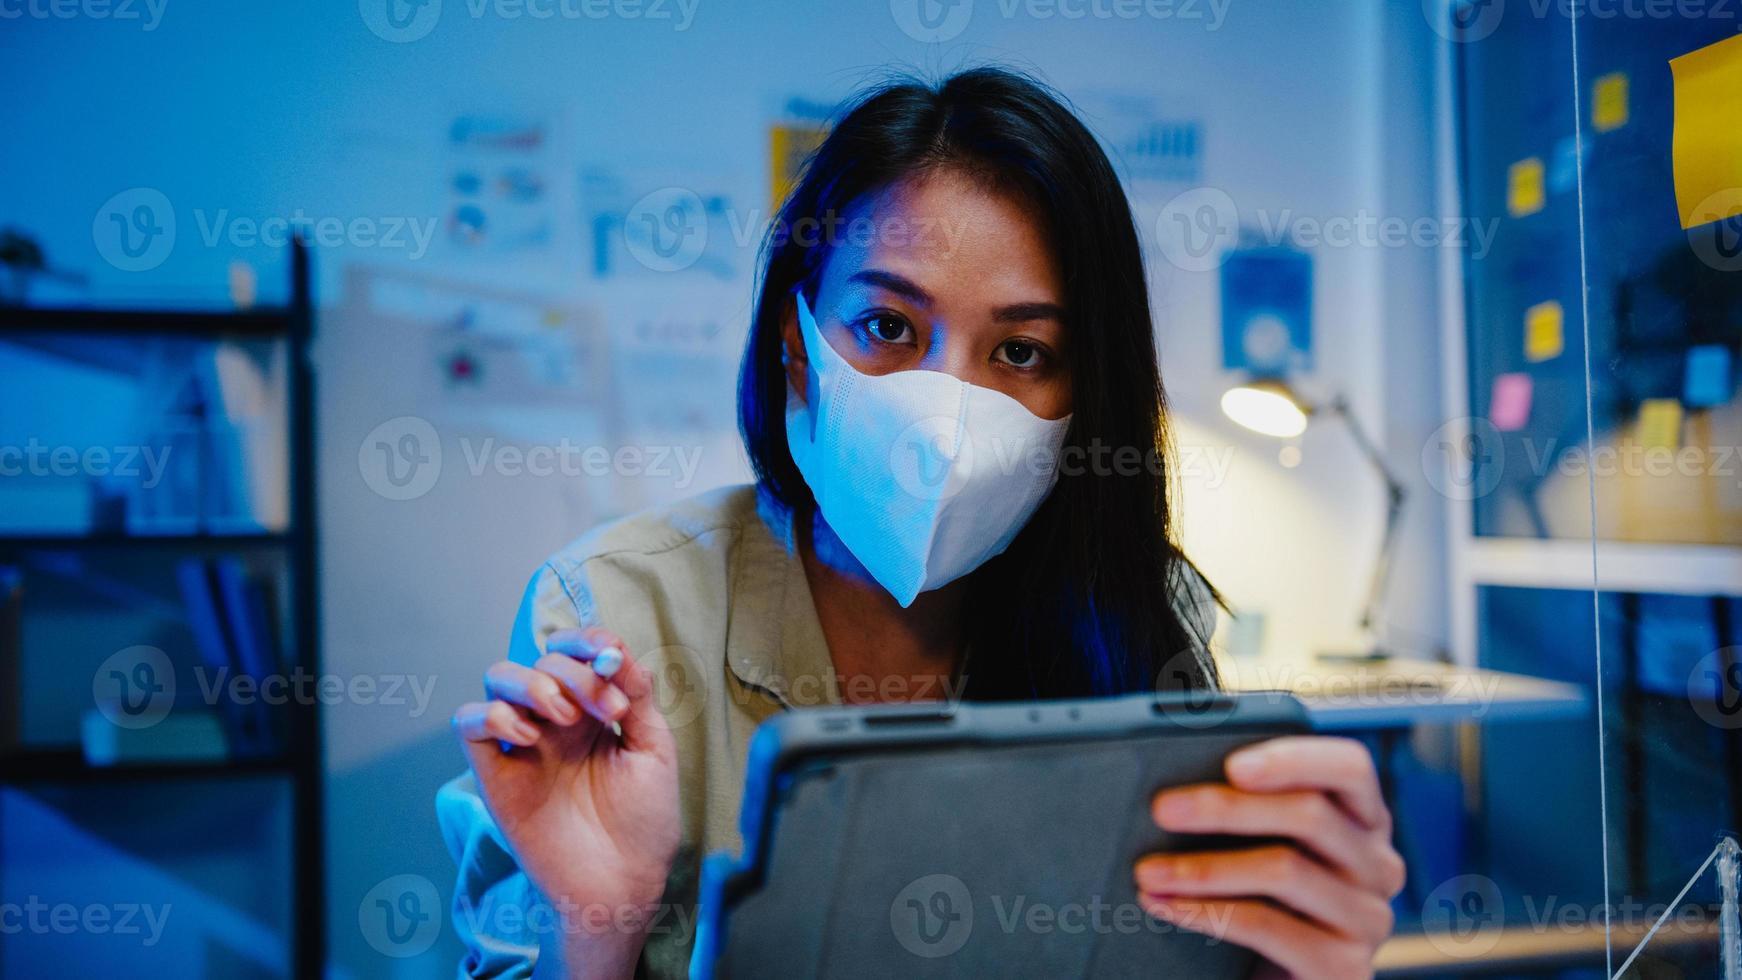 azië zakenvrouw draagt gezichtsmasker sociale afstand in situatie voor viruspreventie kijken naar camerapresentatie aan vrienden over plan in videogesprek terwijl ze op kantoor werken. leven na corona. foto